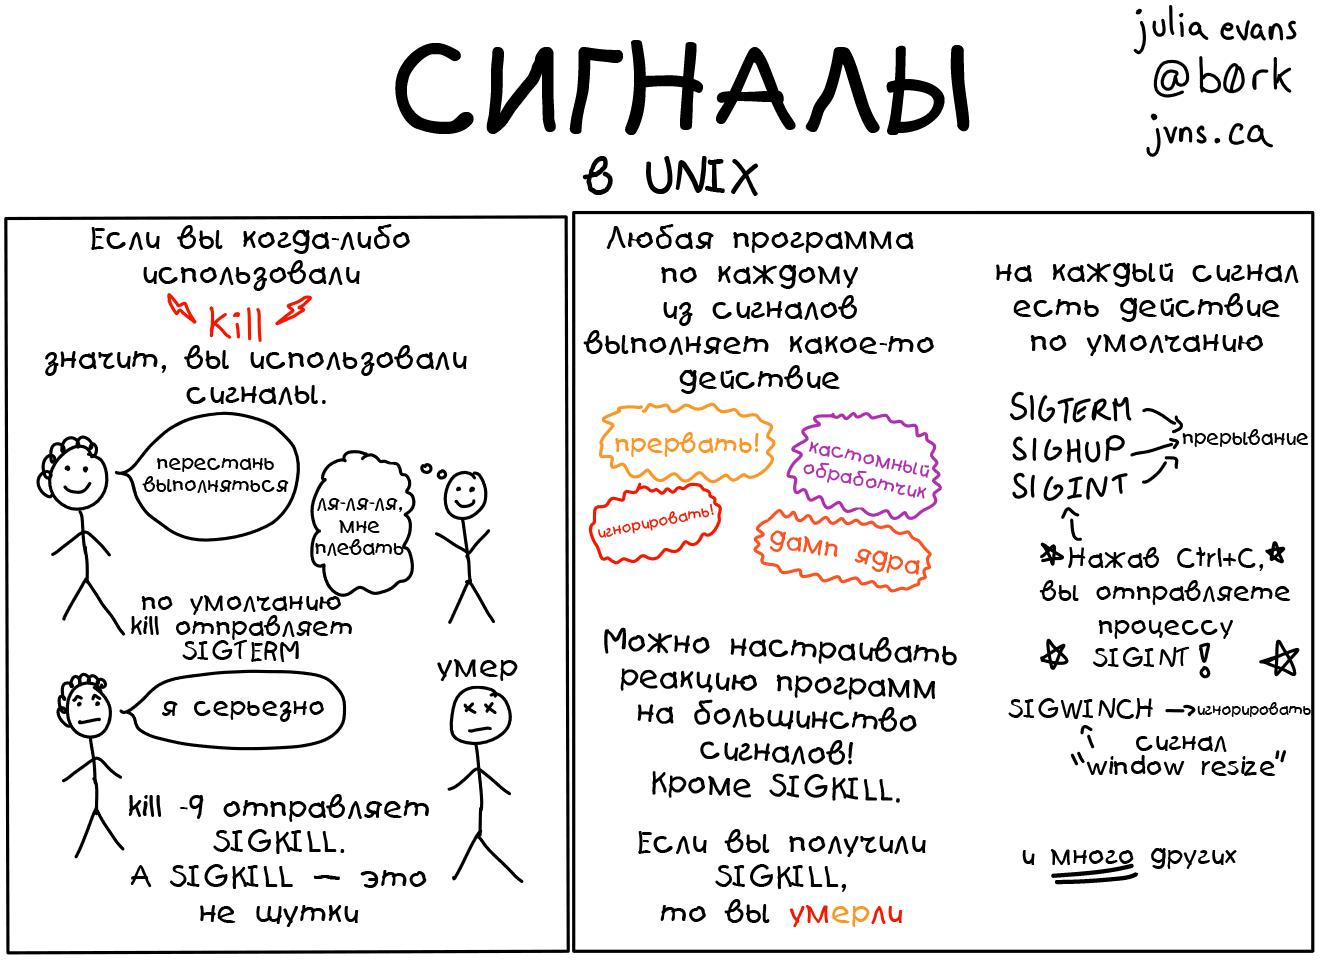 Подборка полезных слайдов про Linux - 3